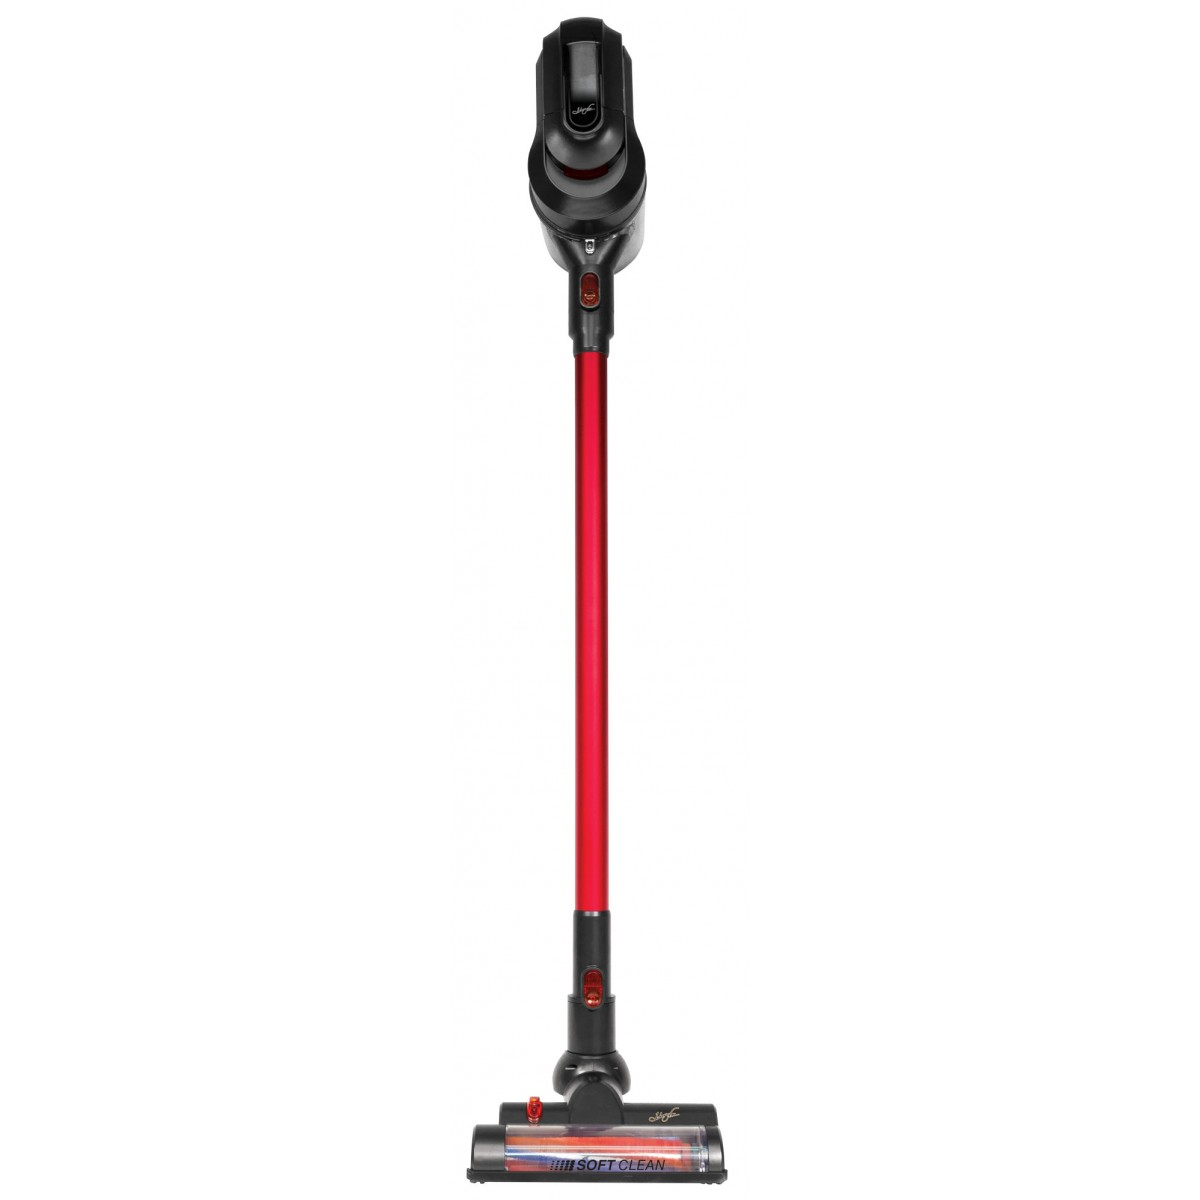 johnny vac cordless stick vacuum jv222 222v lithium battery